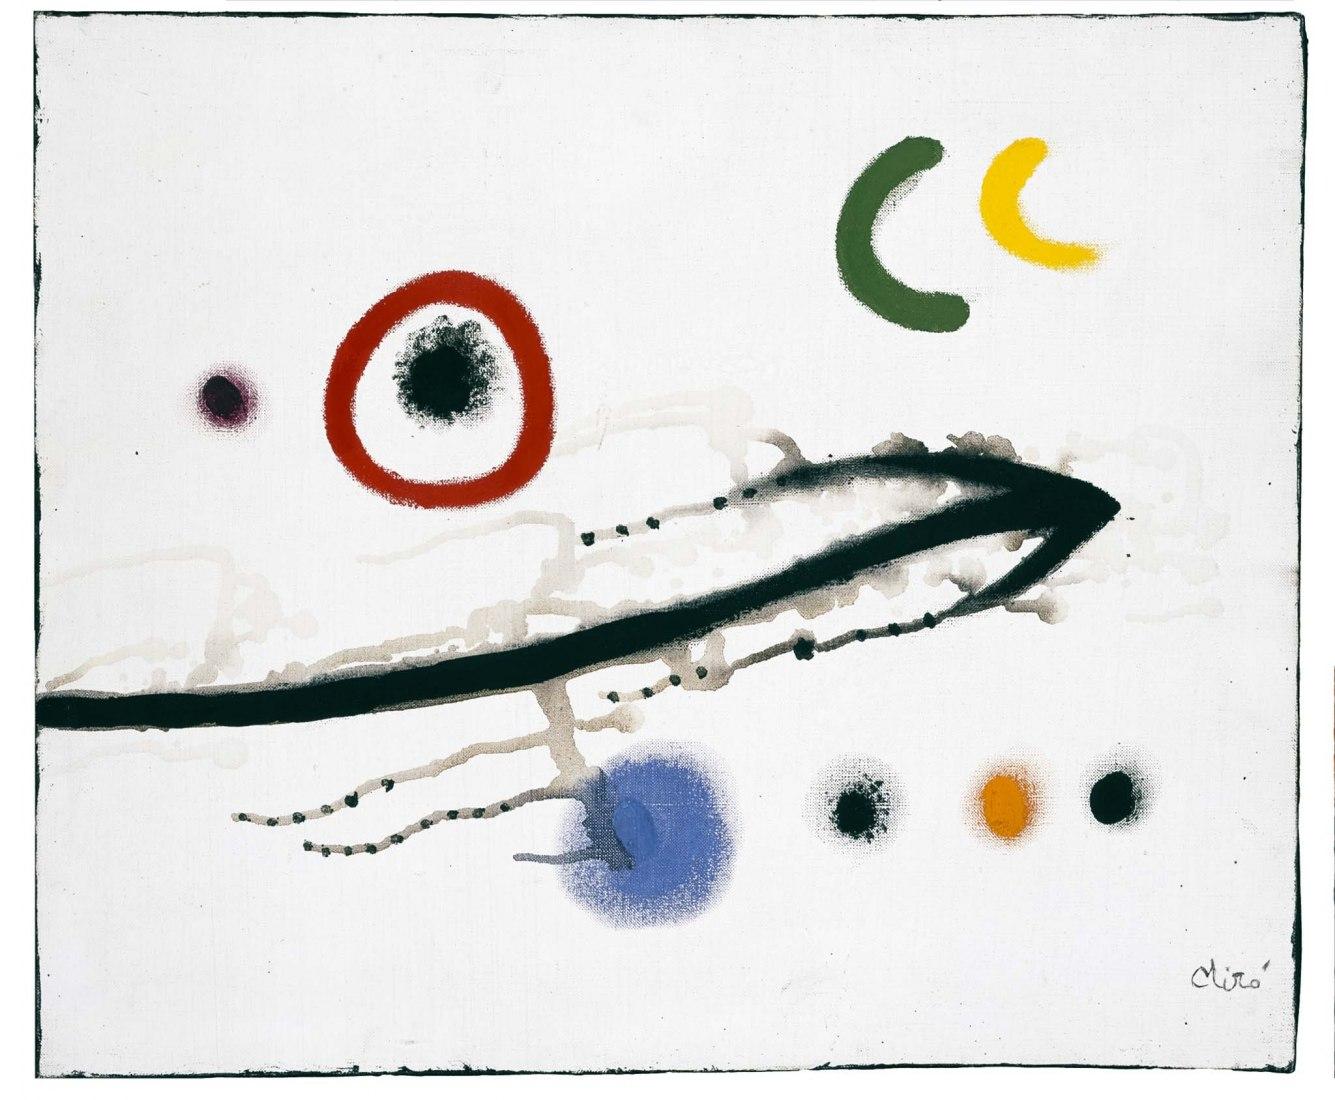 Joan Miró. Peinture / Pintura, 1973. Óleo sobre lienzo, 46 x 55 cm. Colección Particular en depósito temporal. ©Successió Miró 2020.